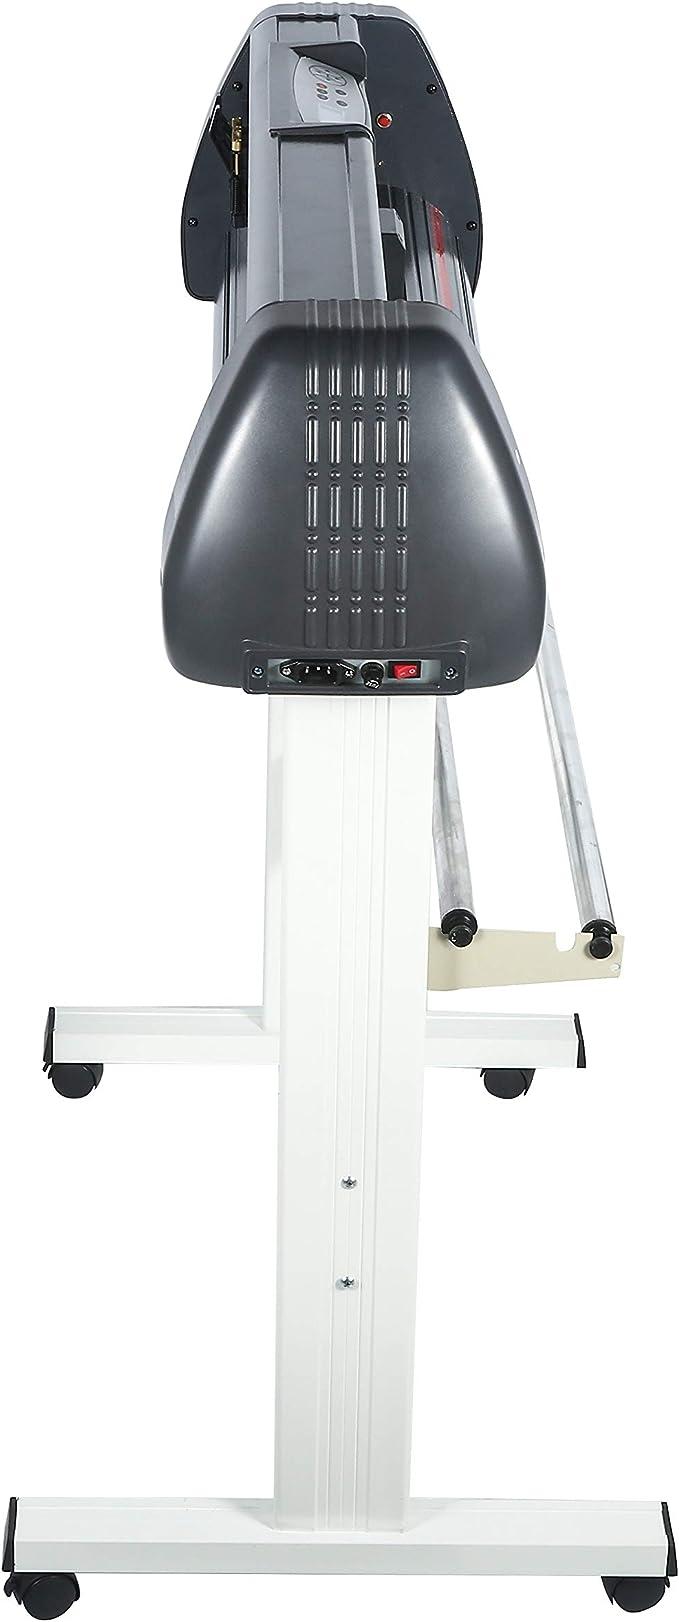 Máquina de corte MG-Rocky para plotter de corte de 870 mm Dispositivo de corte de vinilo para plotter de corte Impresora de corte USB con software Artcut: Amazon.es: Bricolaje y herramientas